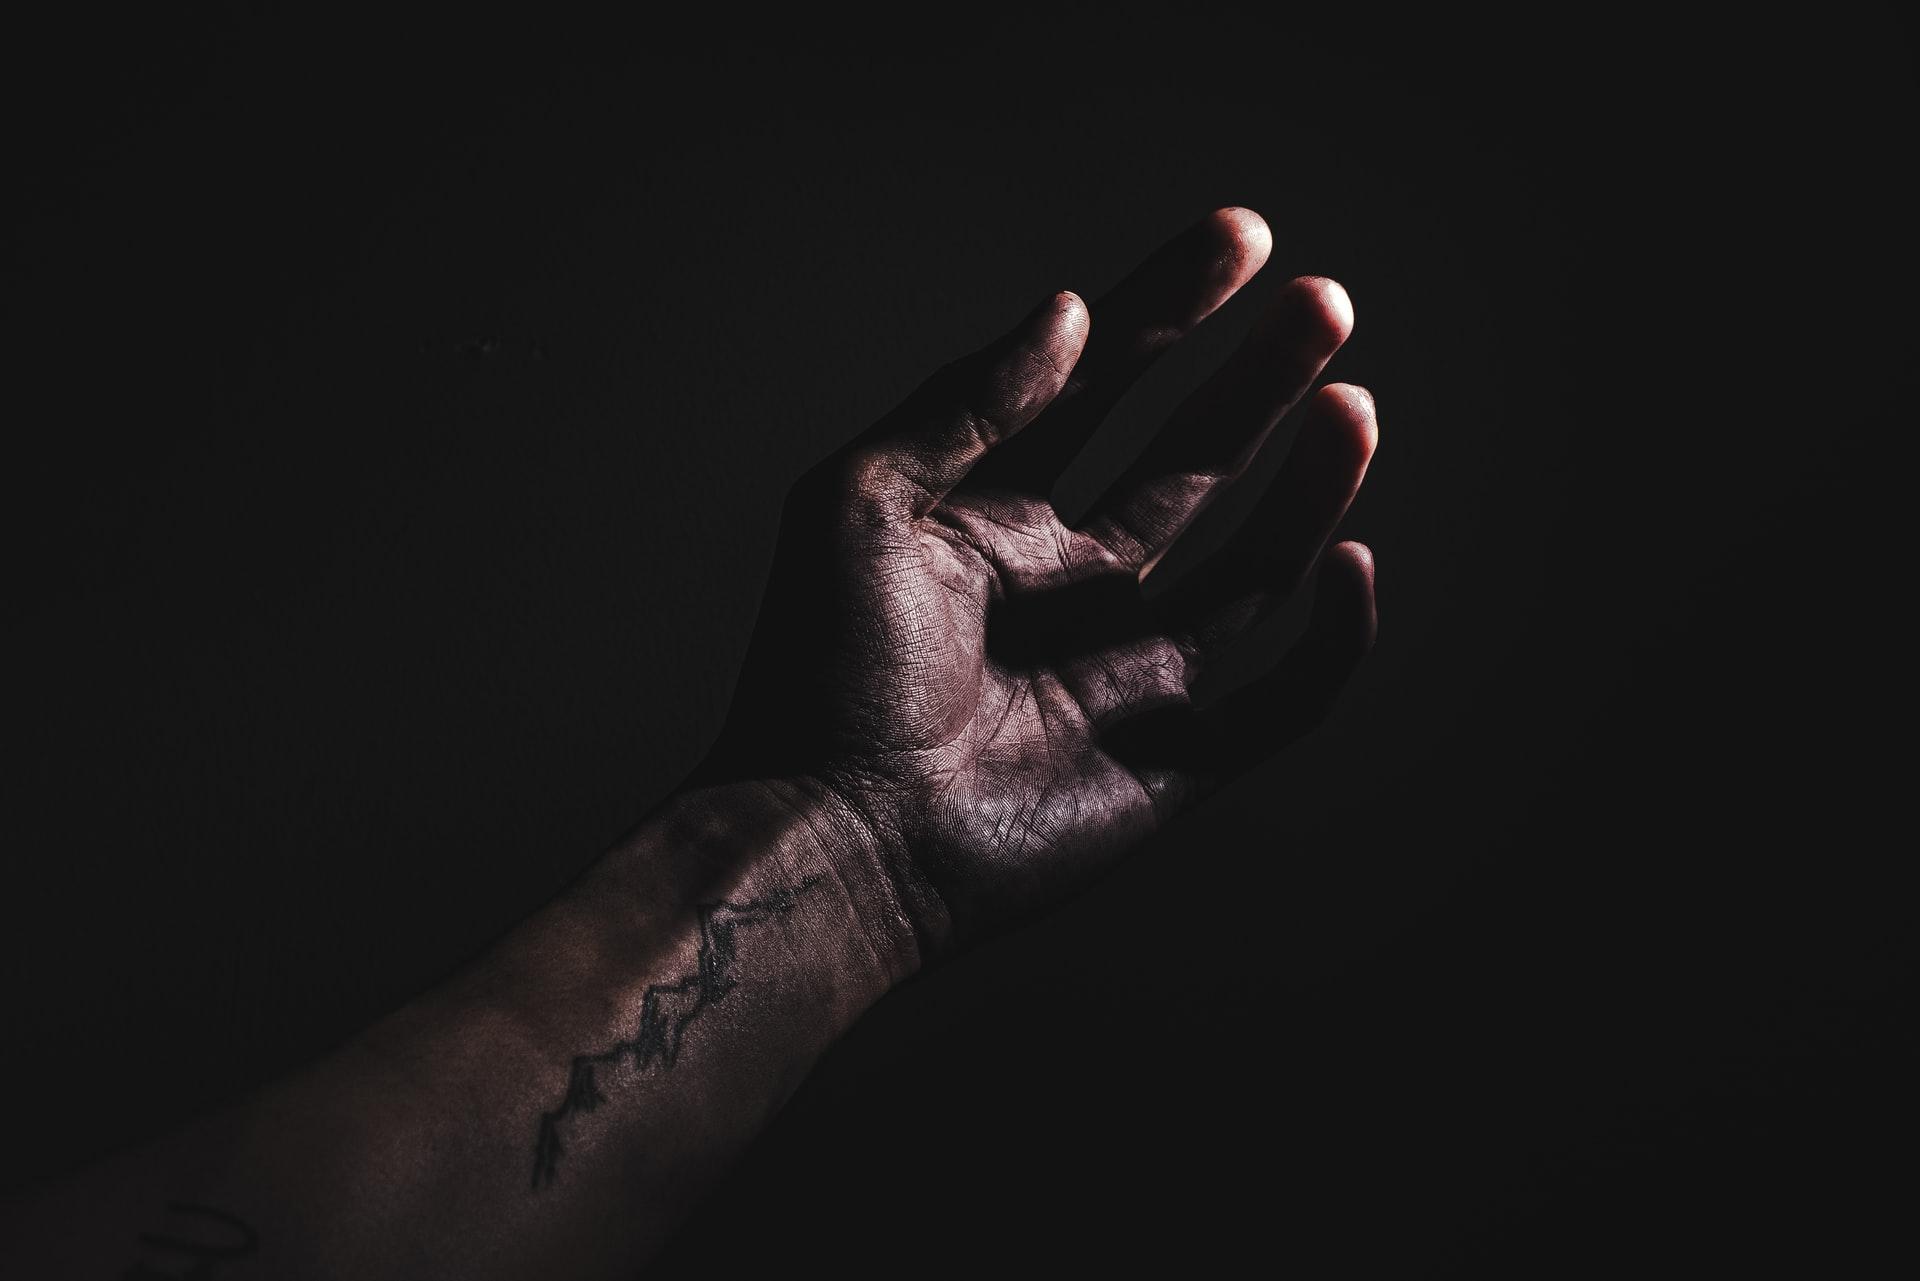 Что может вызвать боль и онемение левой руки